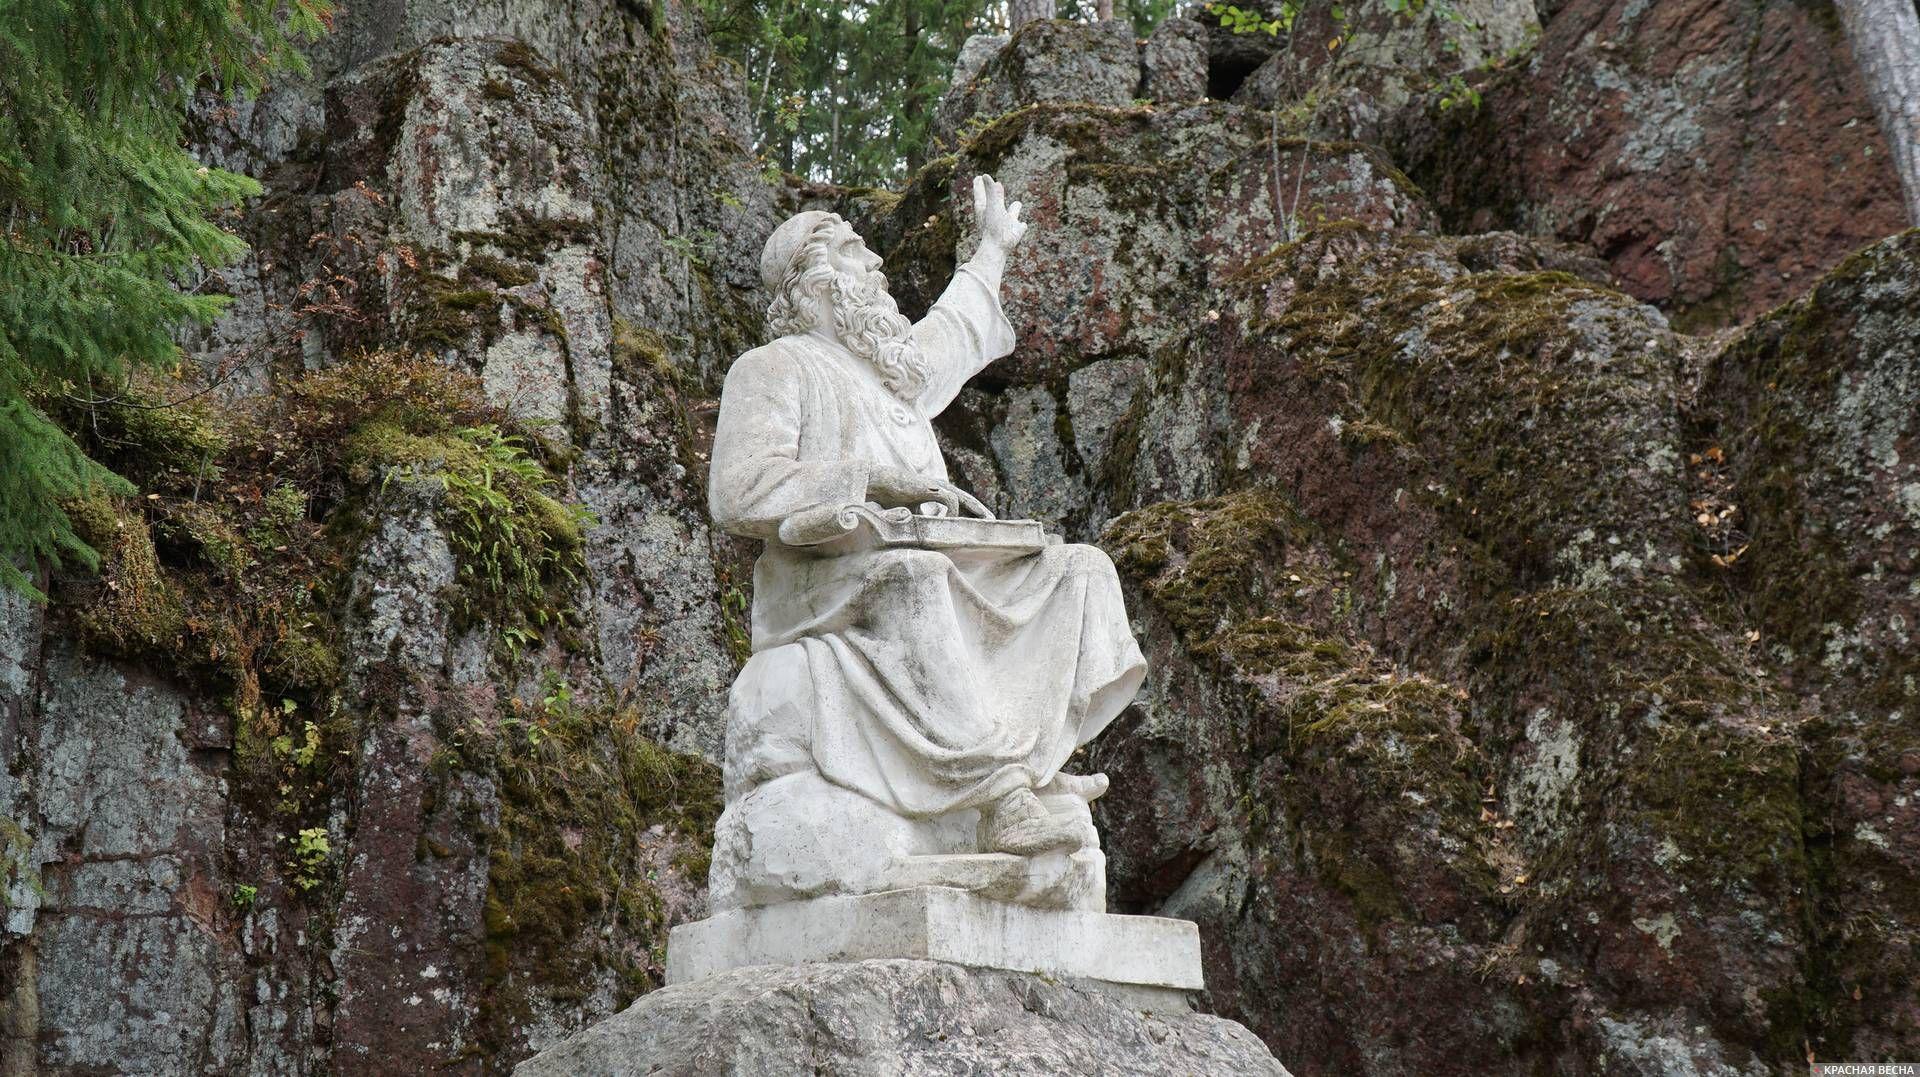 Скульптура Вяйнямёйнена, одного из главных героев карело-финского эпоса «Калевала», в парке Монрепо. Выборг. 21.08.2019